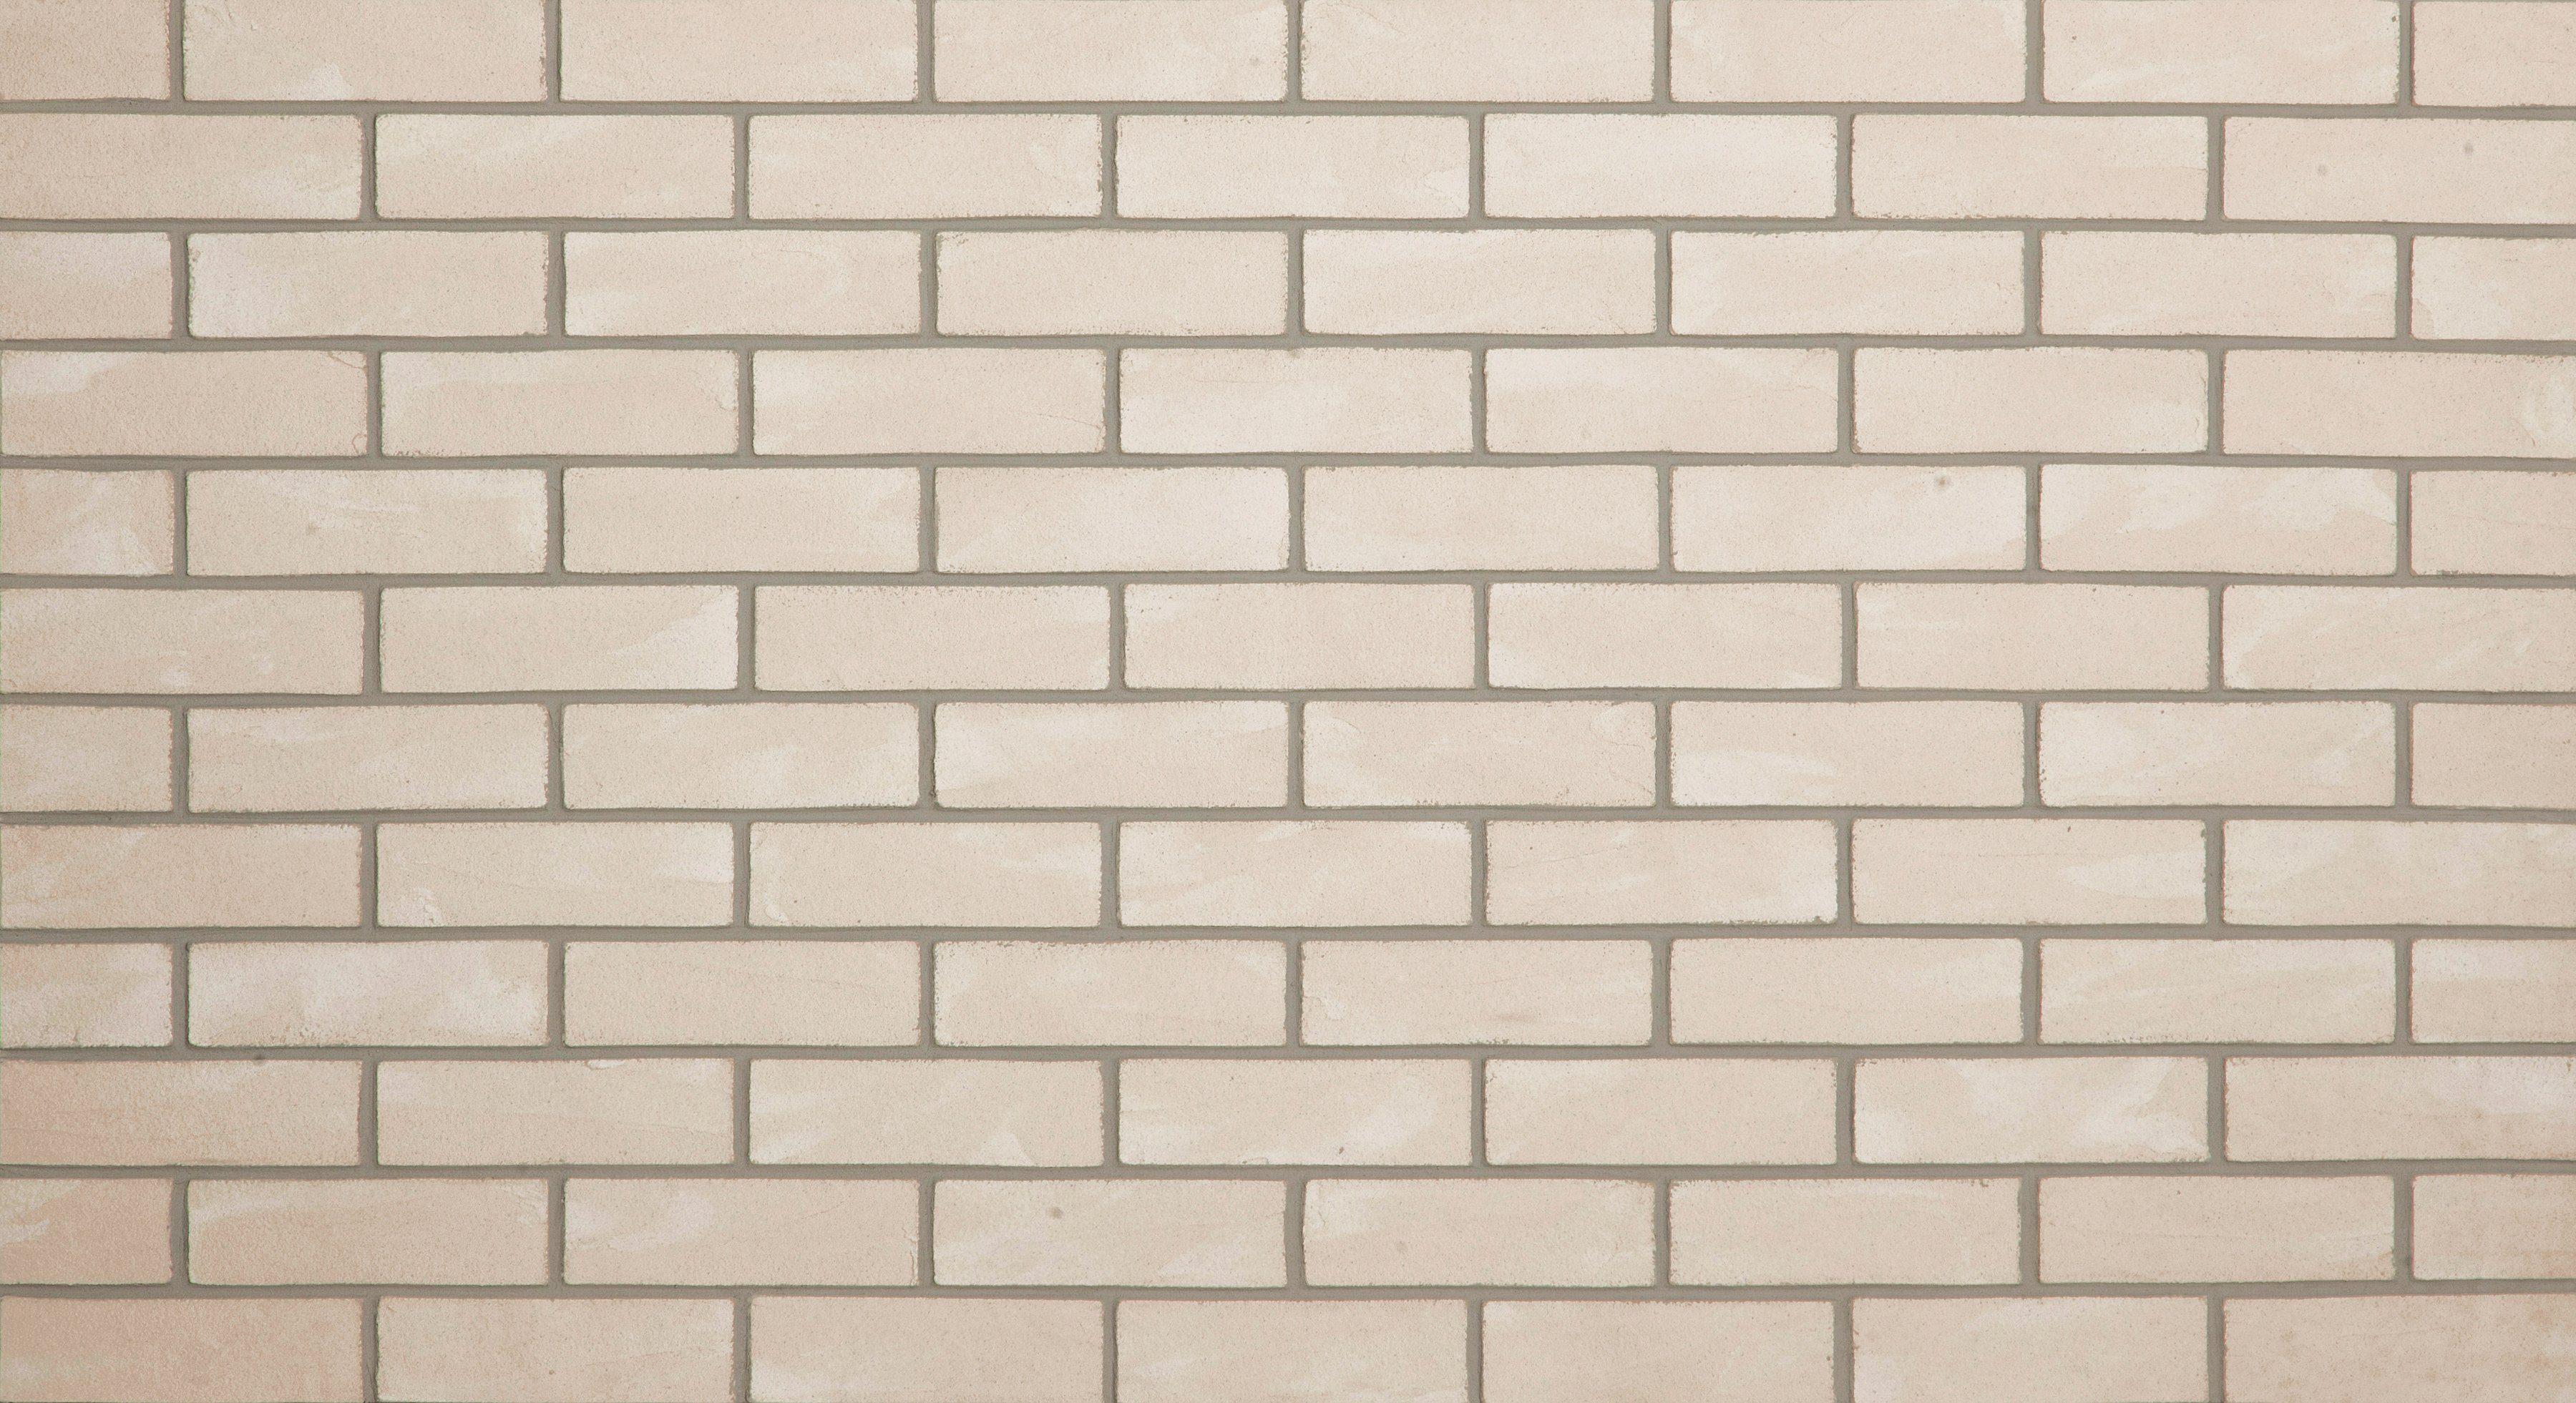 ELASTOLITH Sparset: Verblender »Rhodos«, hellbeige, für Außen- und Innenbereich, 5 m²